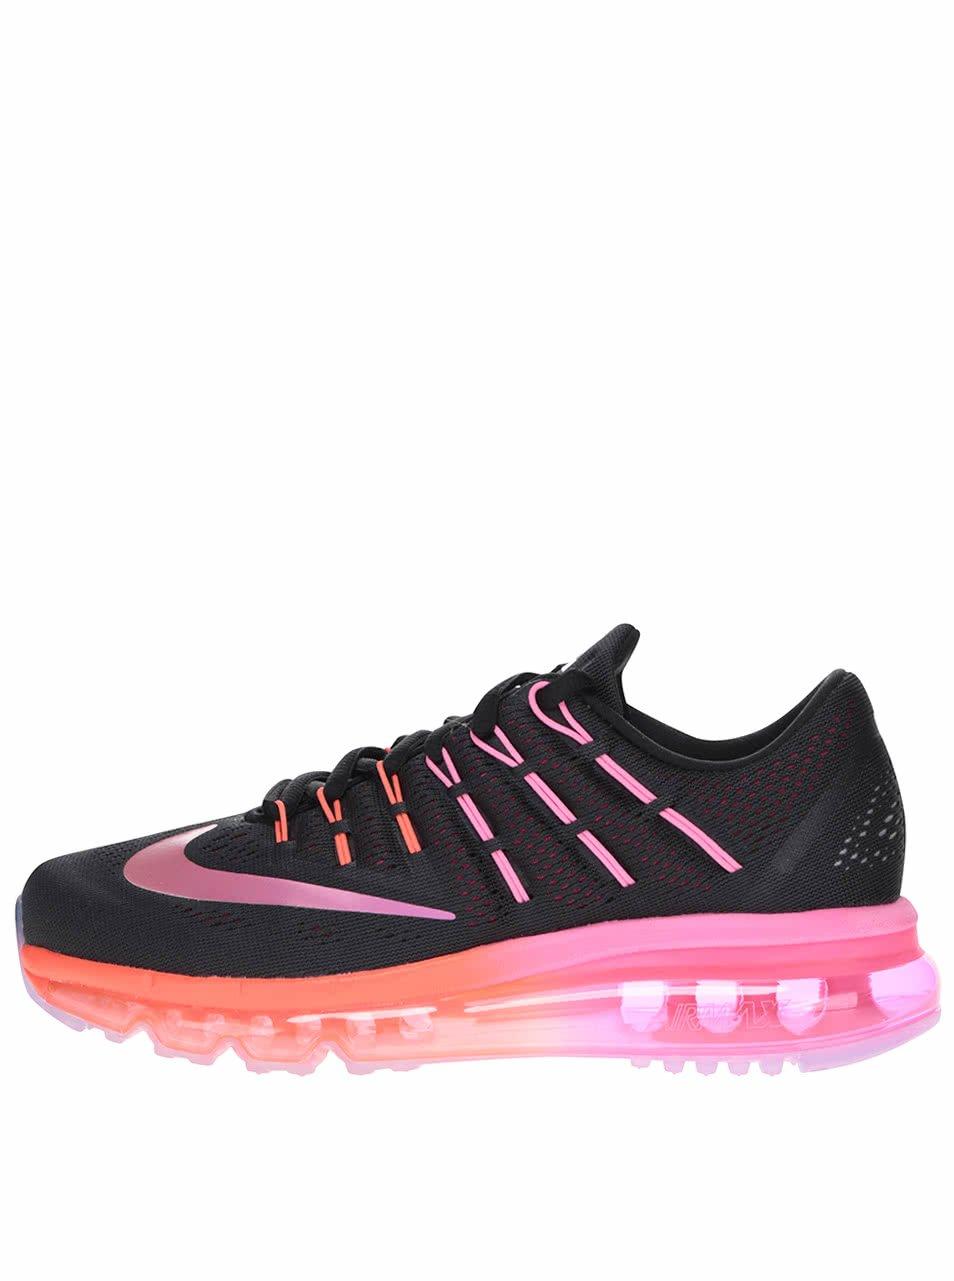 Černo-růžové dámské tenisky Nike Air Max 2016